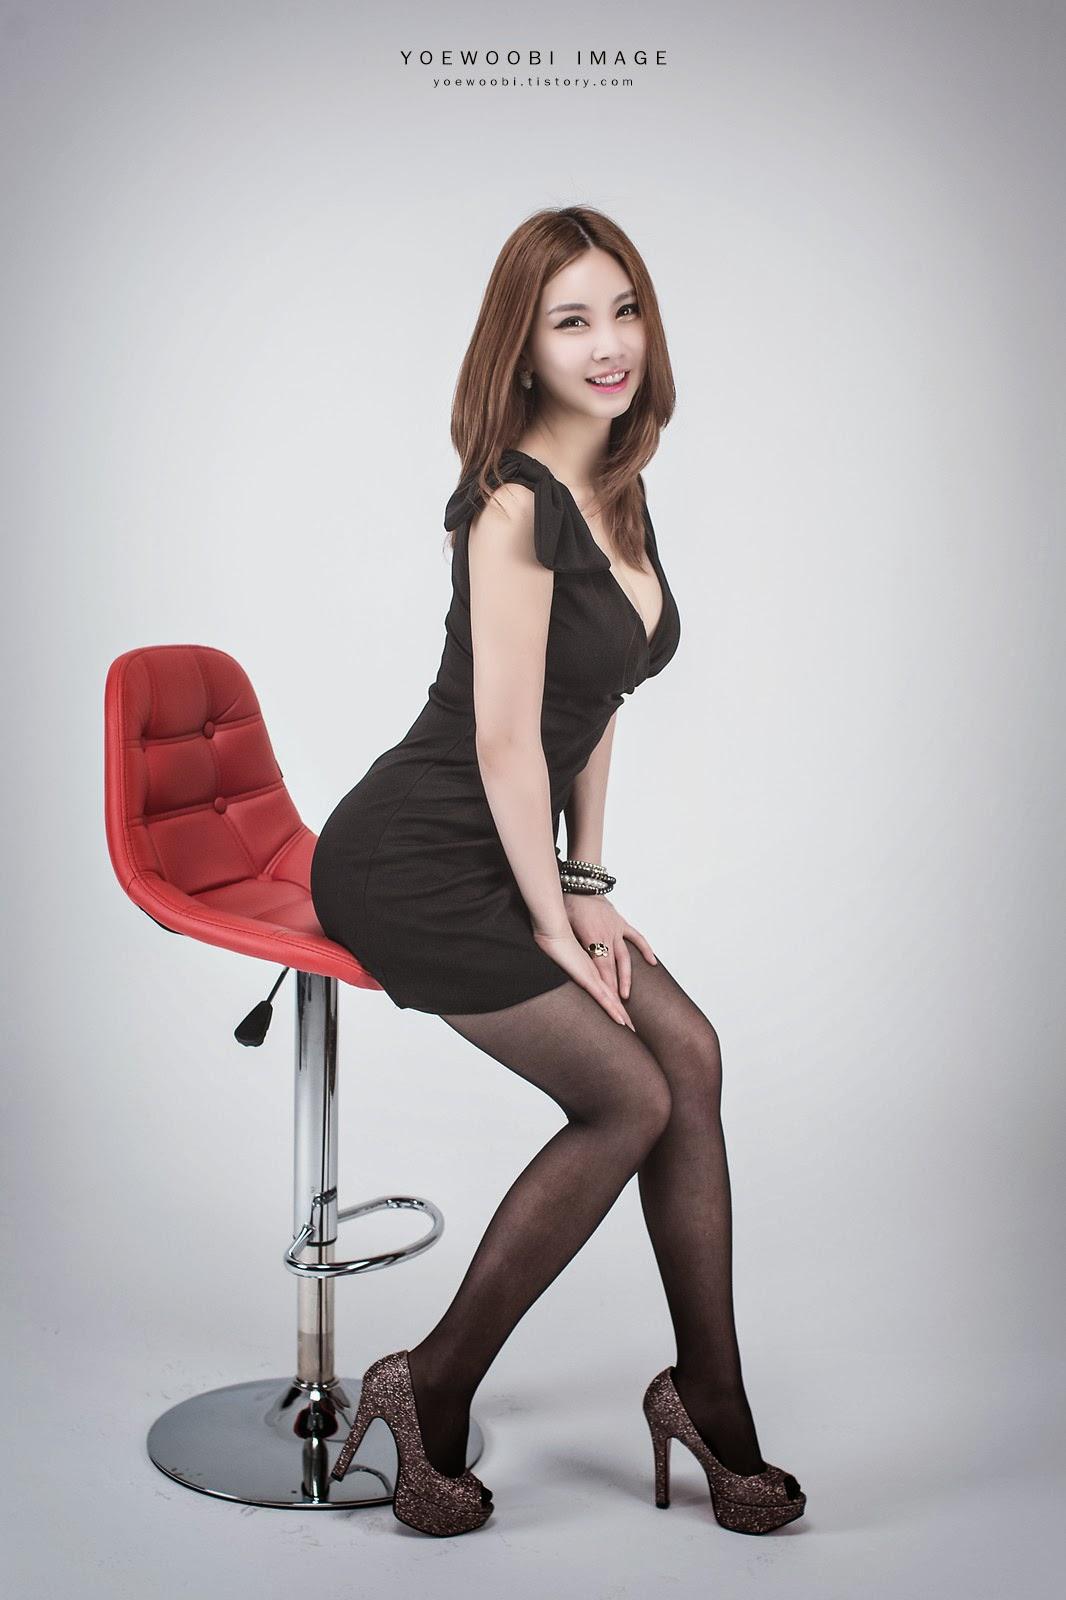 4 Lee Eun Yu - Little Black Dress - very cute asian girl-girlcute4u.blogspot.com